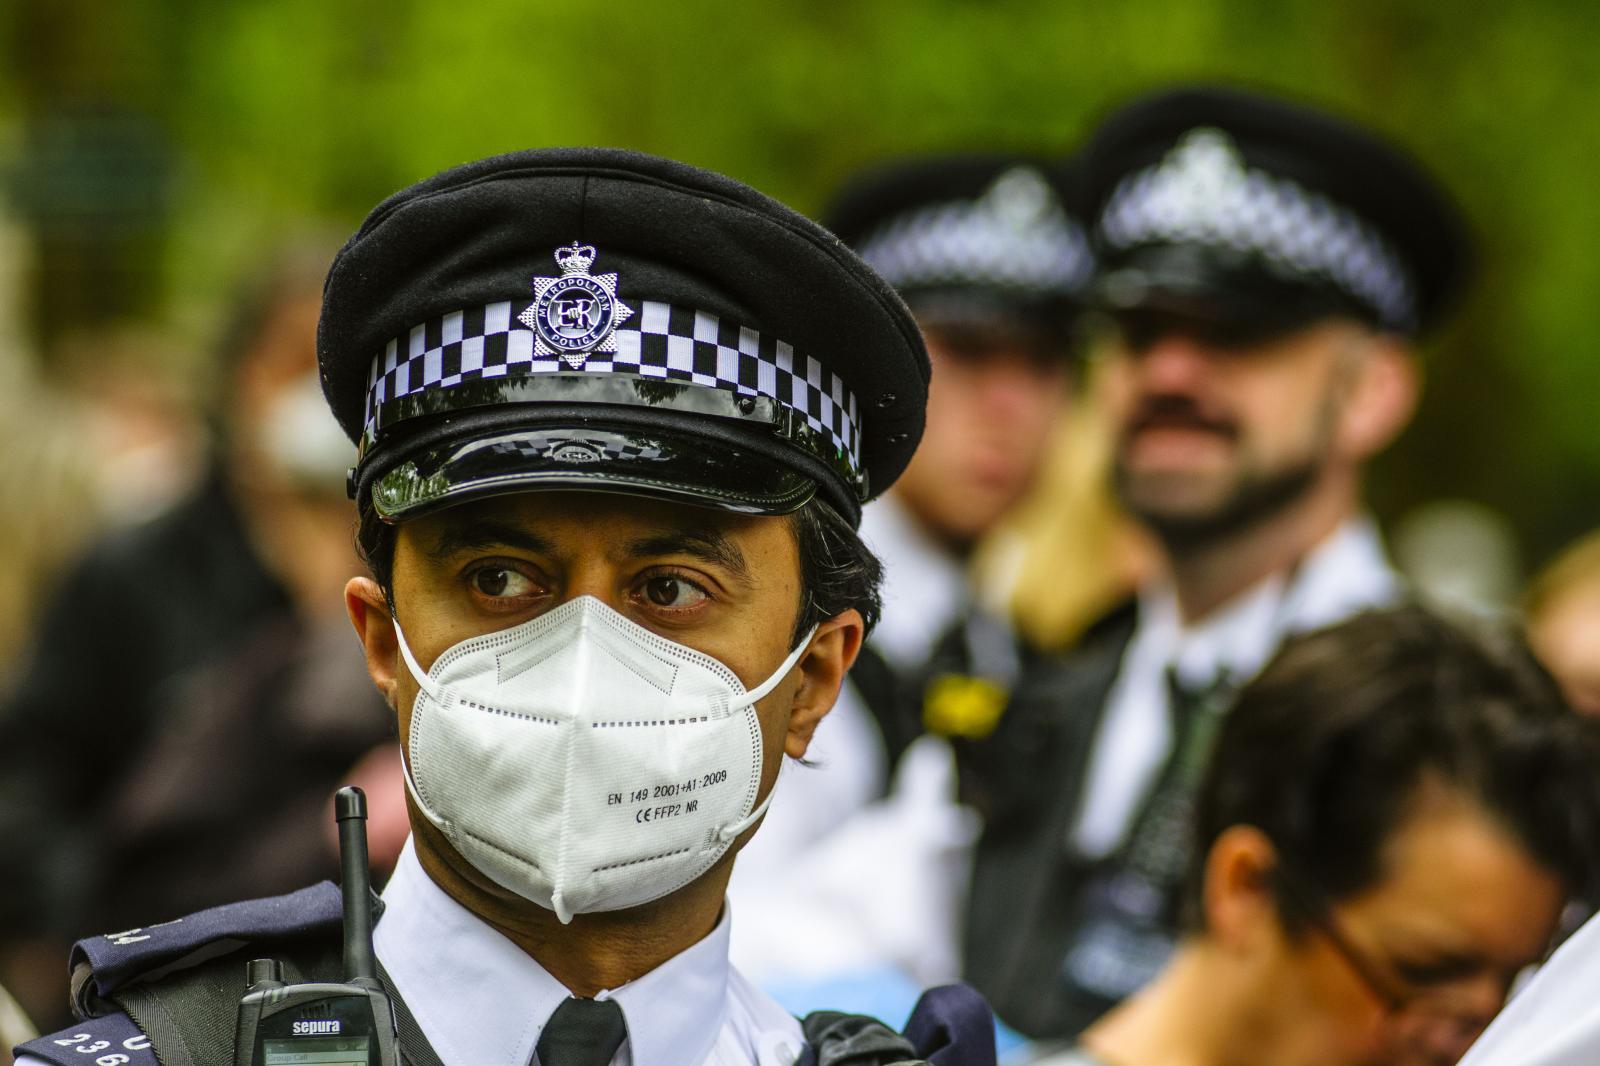 Mayıs 2020, Londra, Londra'da bir kilitlenme önleme protestosunda polis